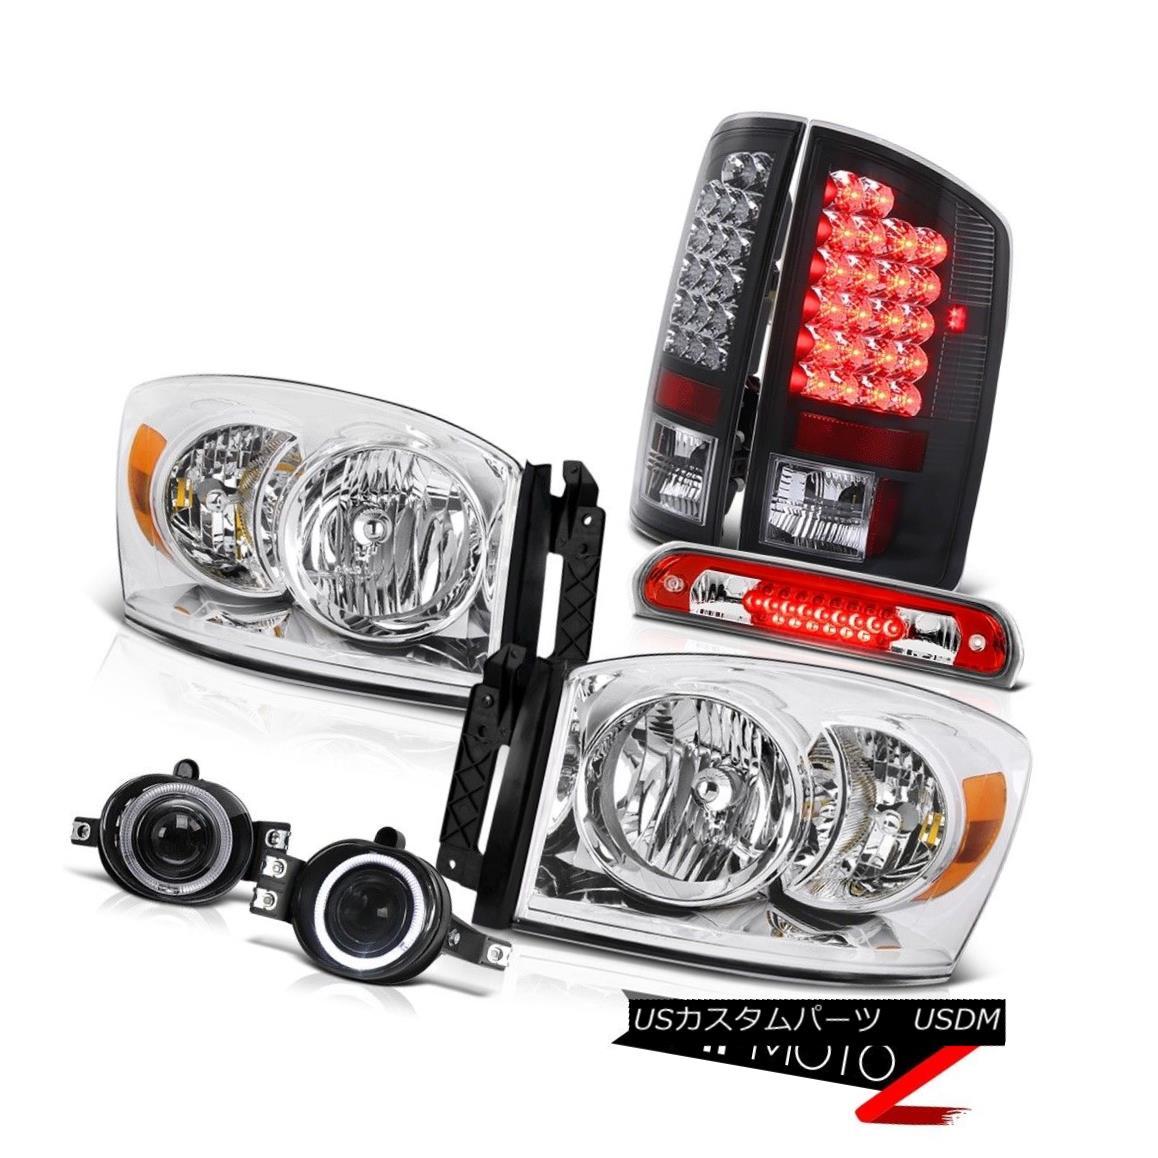 テールライト Pair Chrome Headlights Black LED Tail Lights Fog 3RD Cargo 2006 Dodge Ram SLT ペアクロームヘッドライトブラックLEDテールライトフォグ3RD Cargo 2006ダッジラムSLT